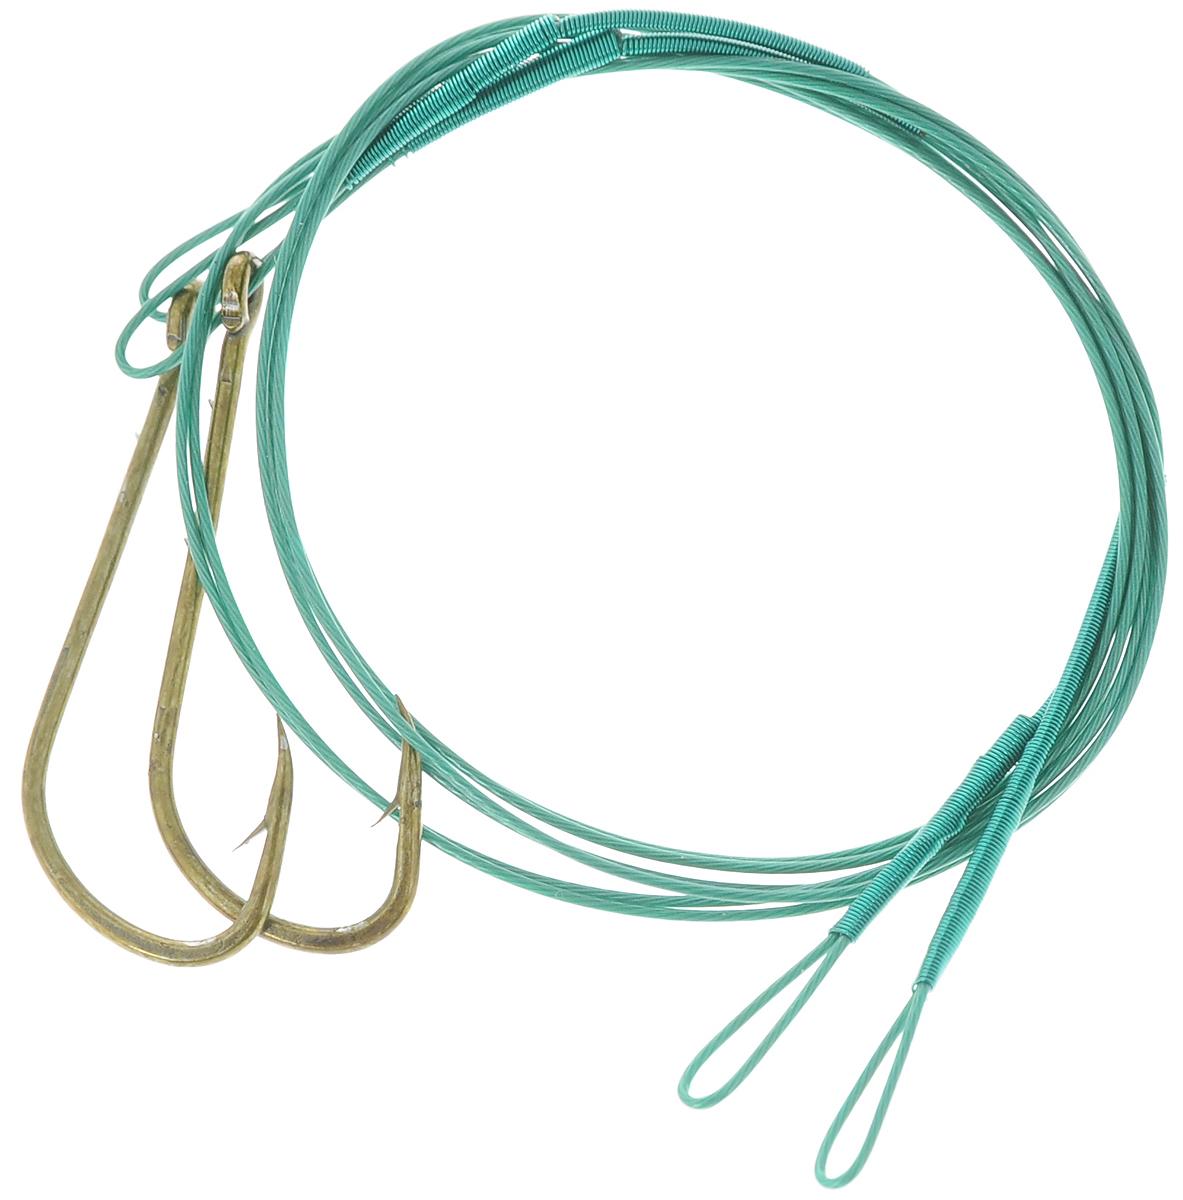 Набор поводков Atemi, с крючком №1, 2 шт. 605-20401PGPS7797CIS08GBNVКрючок в сборе со стальным поводком в оплетке используется для оснащения снастей для ловли хищника на живца. В комплекте 2 поводка.